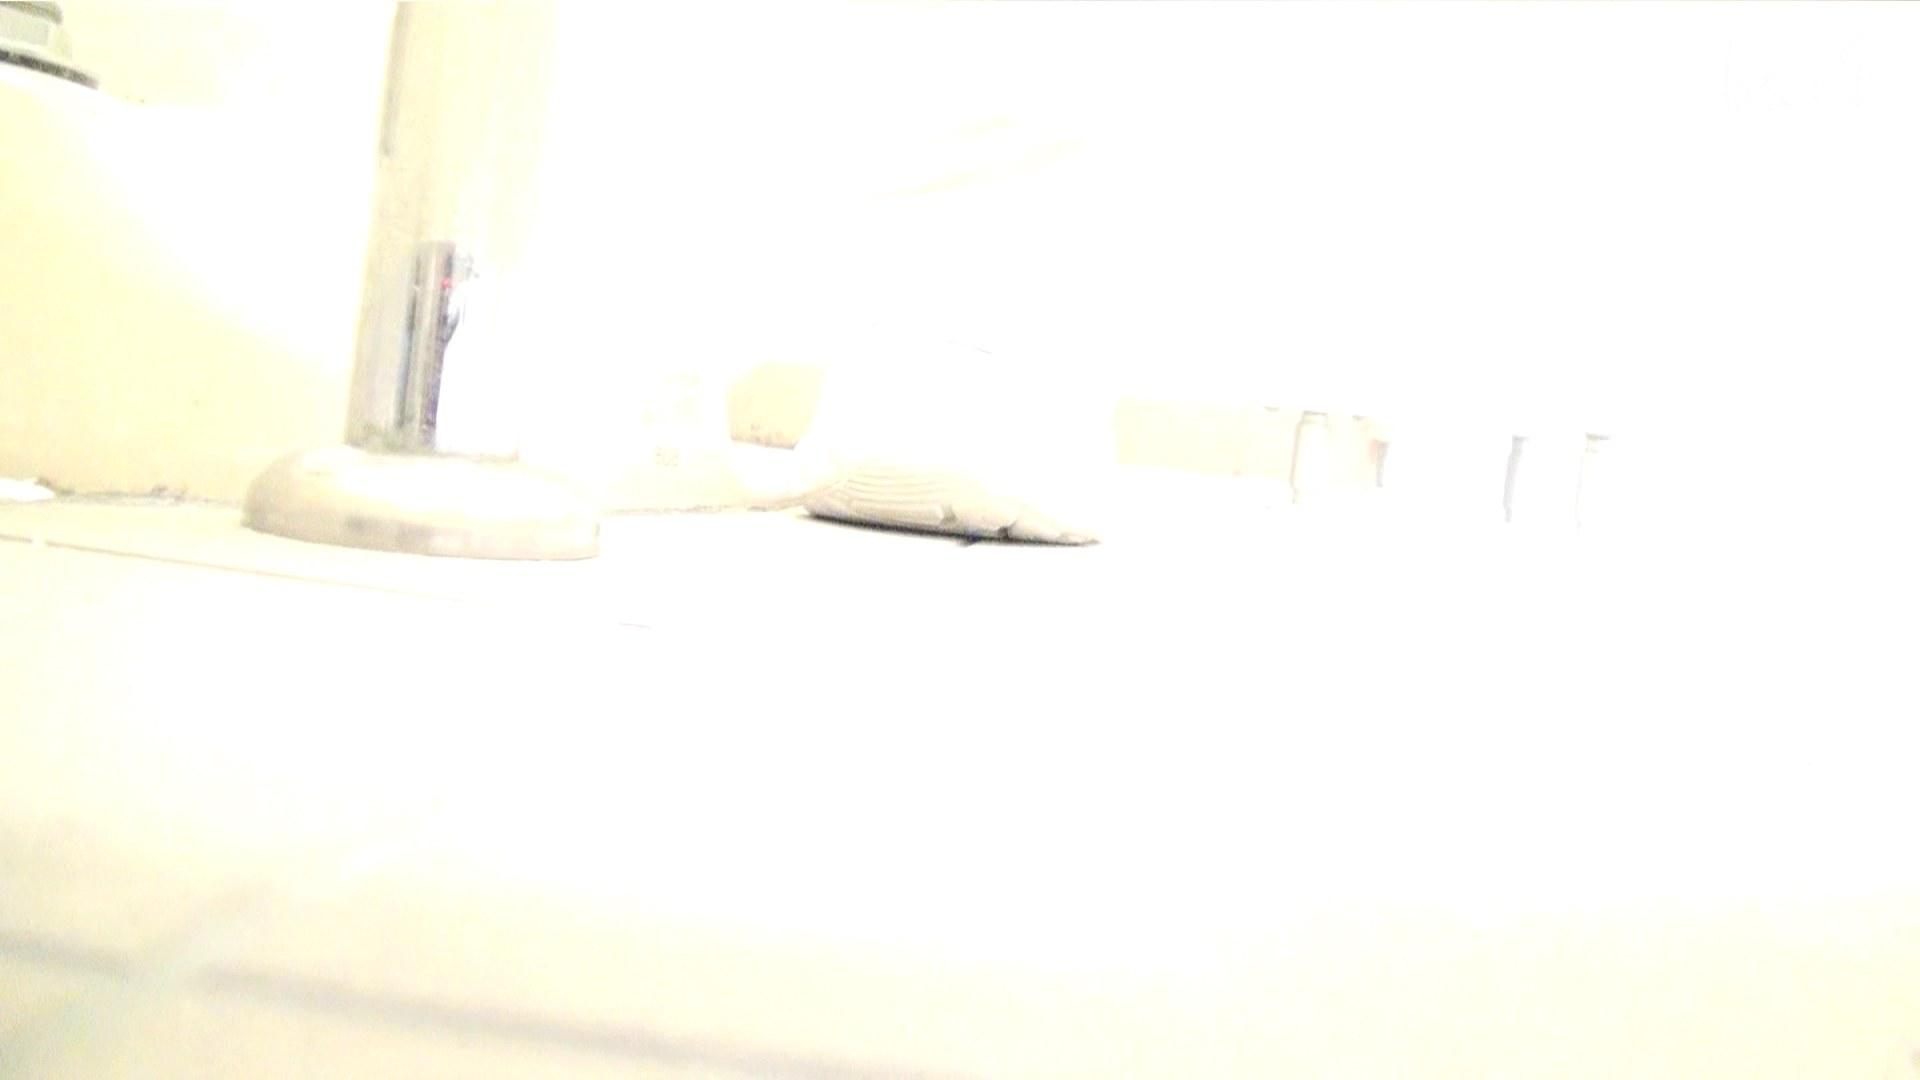 ナースのお小水 vol.004 ナース丸裸 ヌード画像 82pic 11